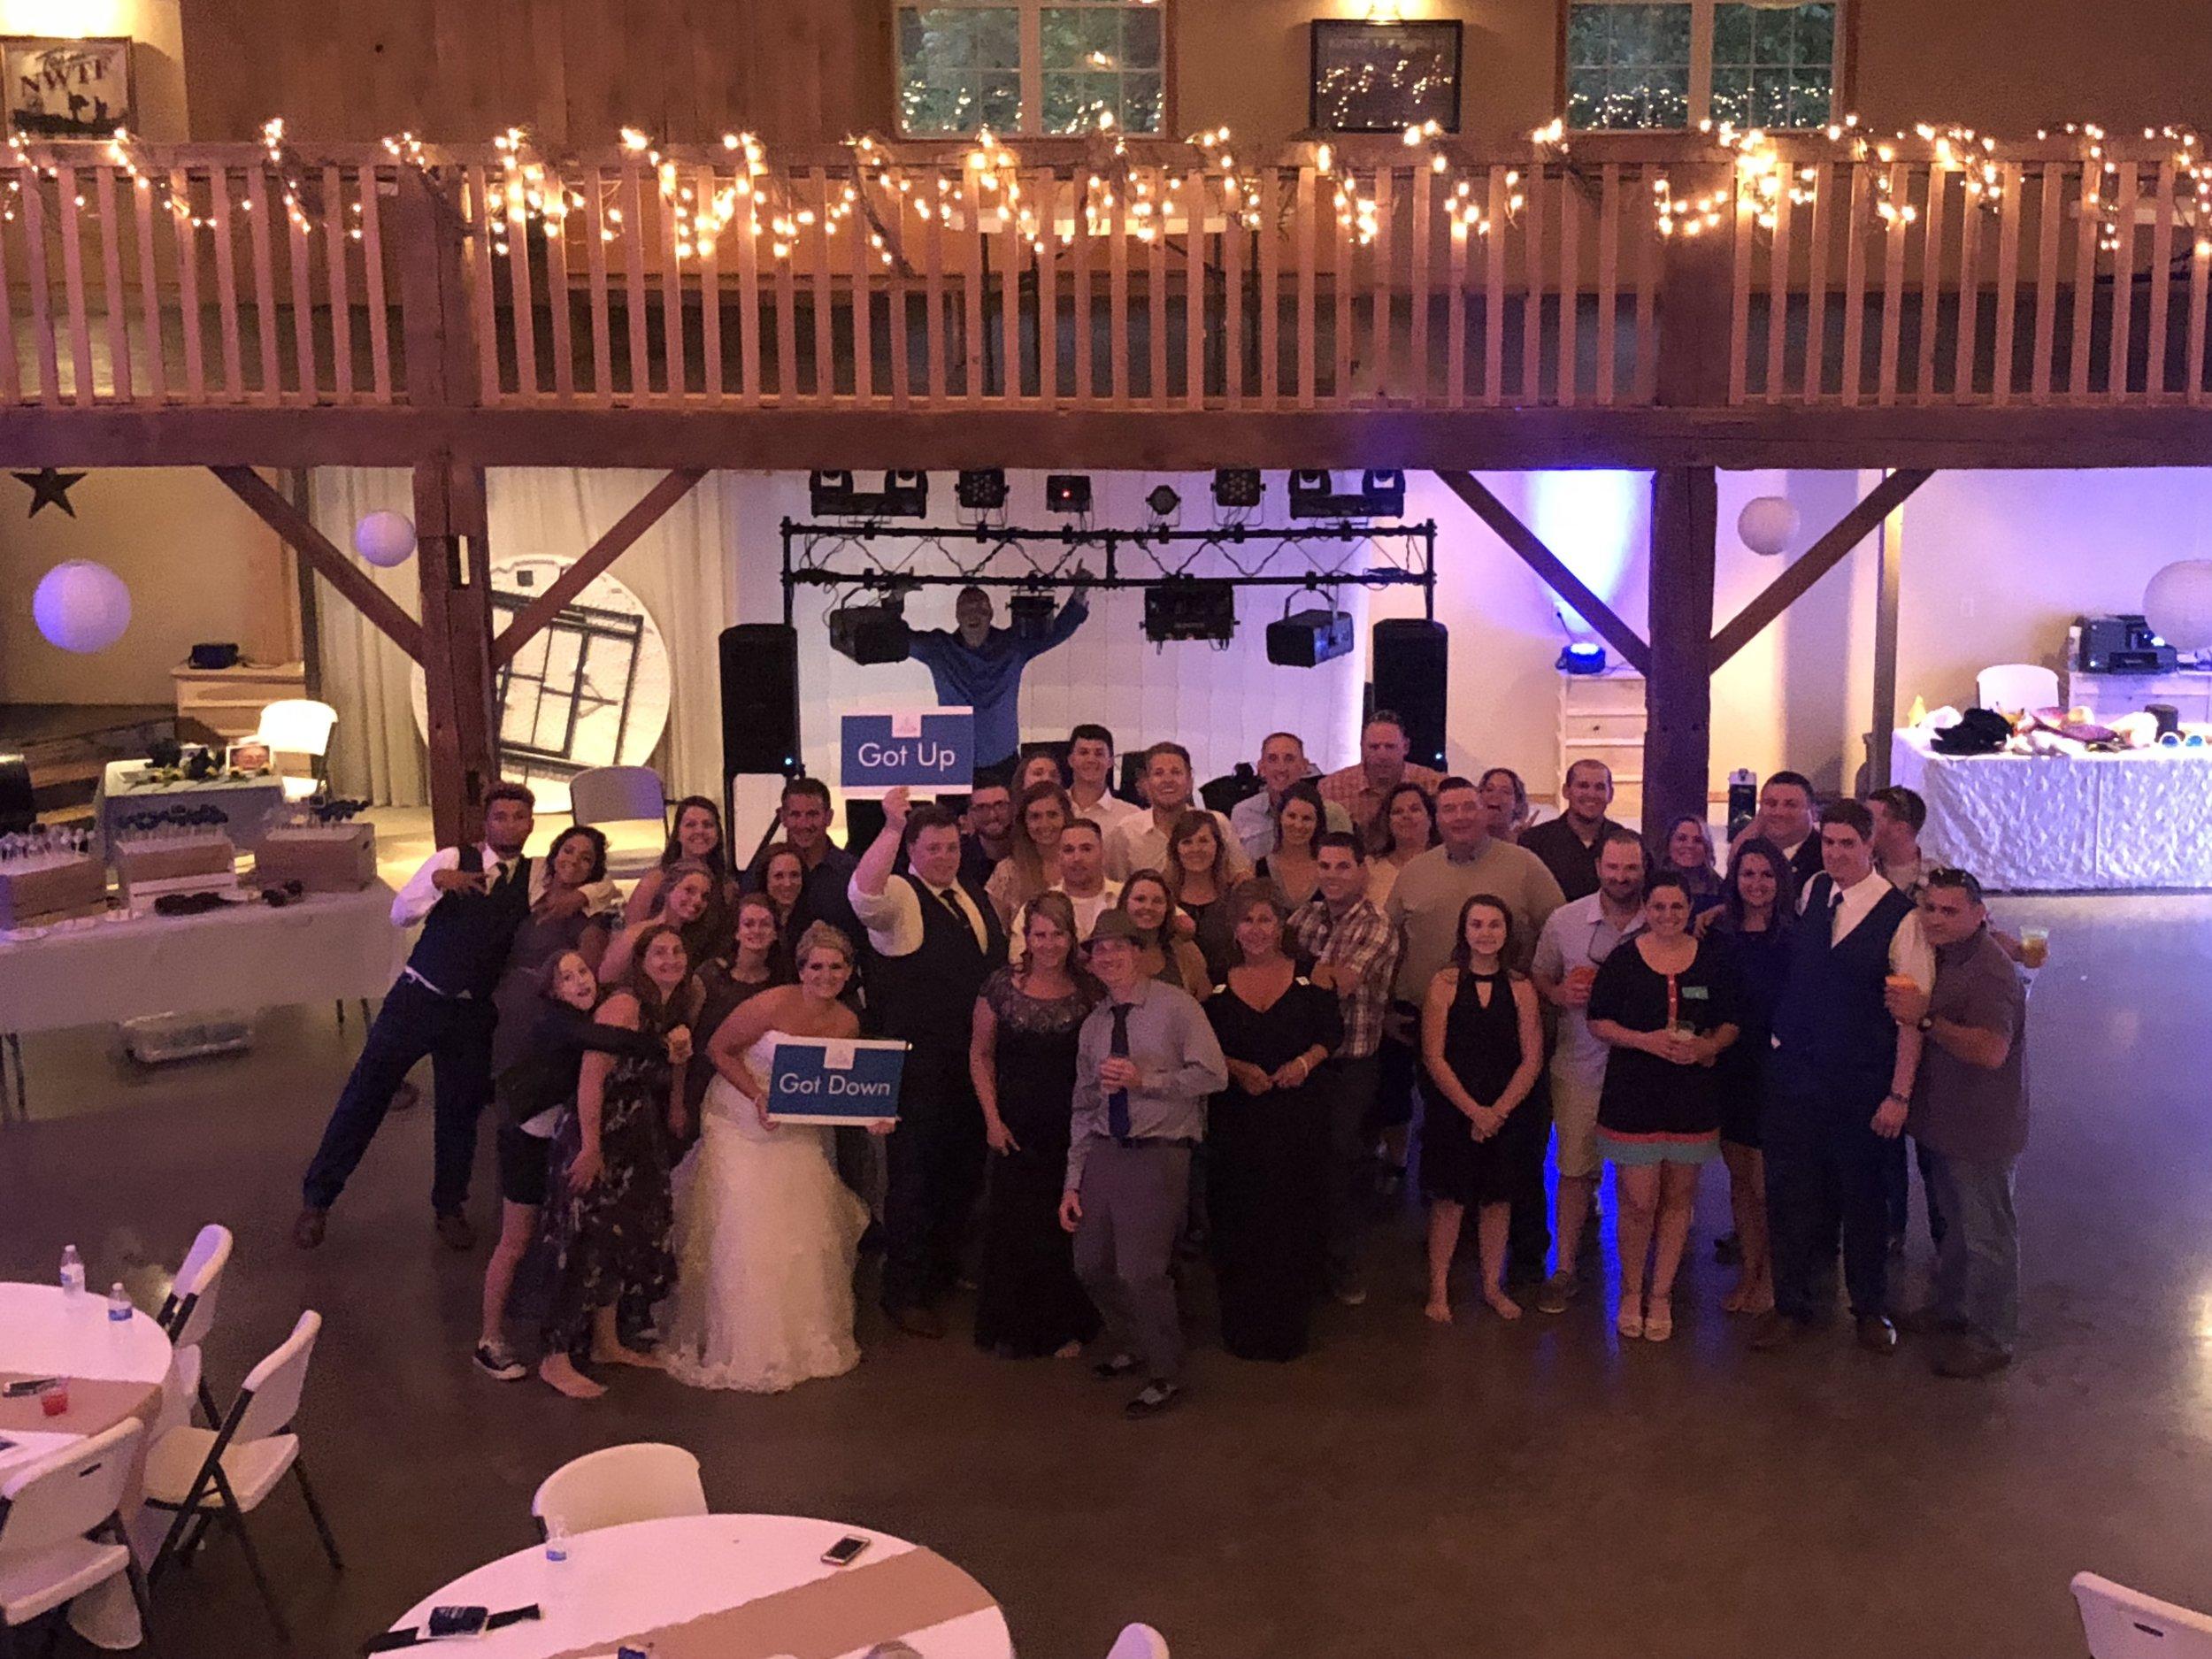 Wedding DJ Reception near Warsaw, IN